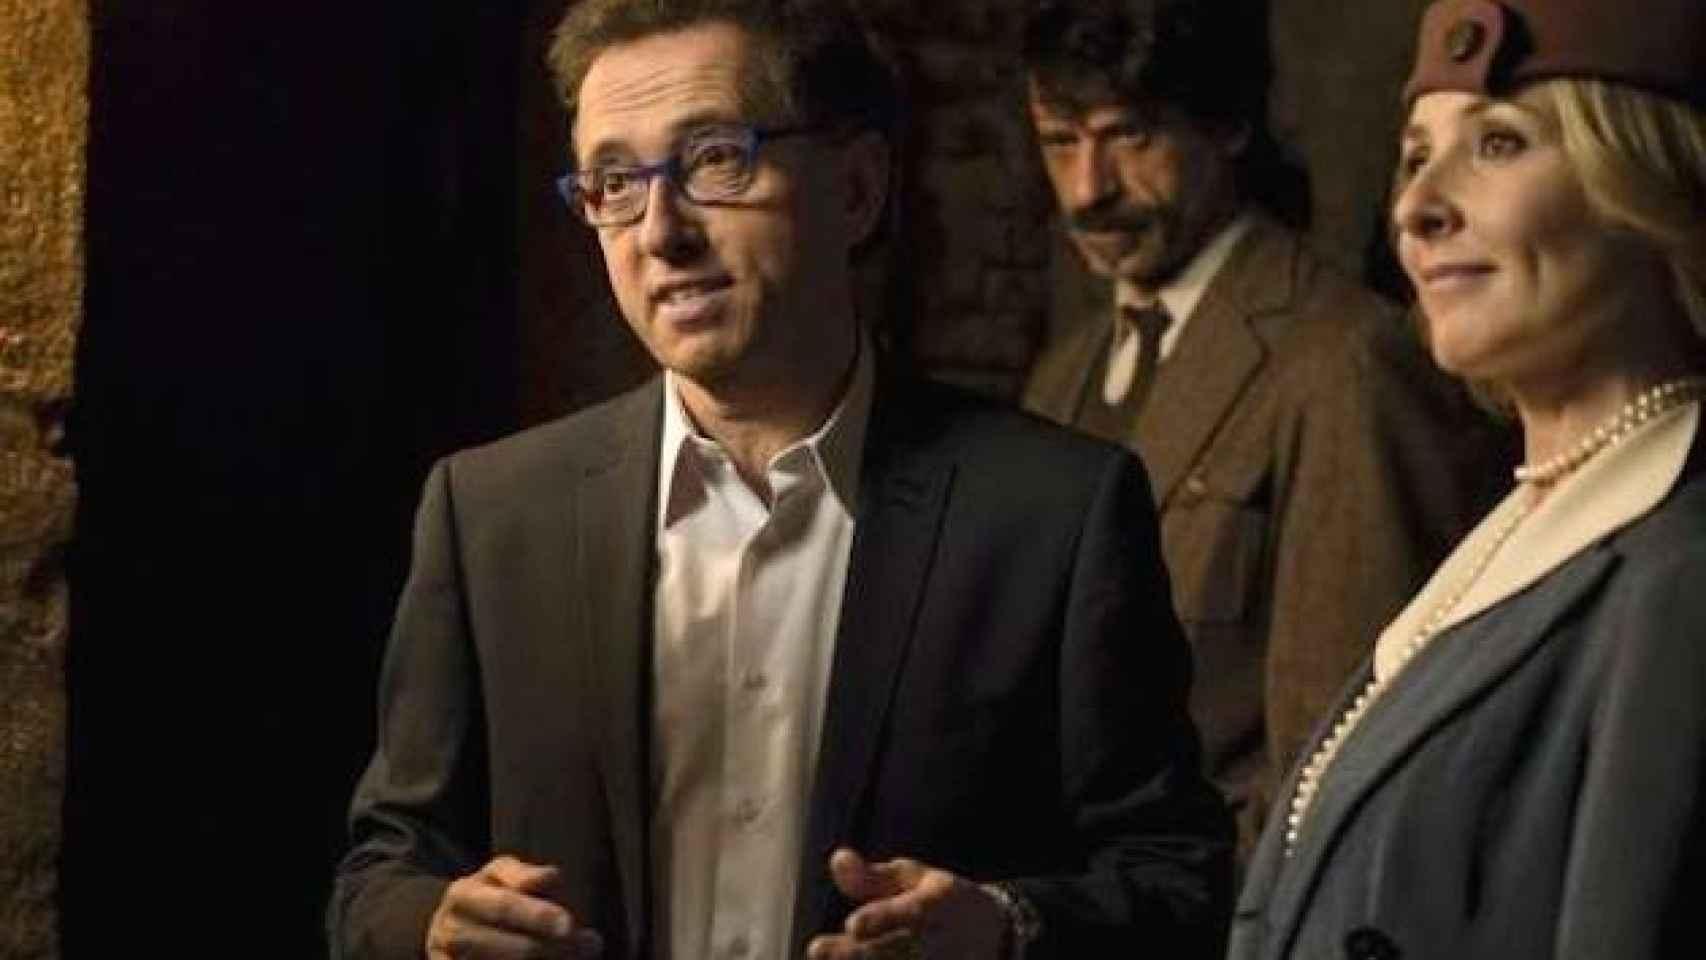 Jordi Hurtado hizo un cameo en la serie 'El Ministerio del tiempo'